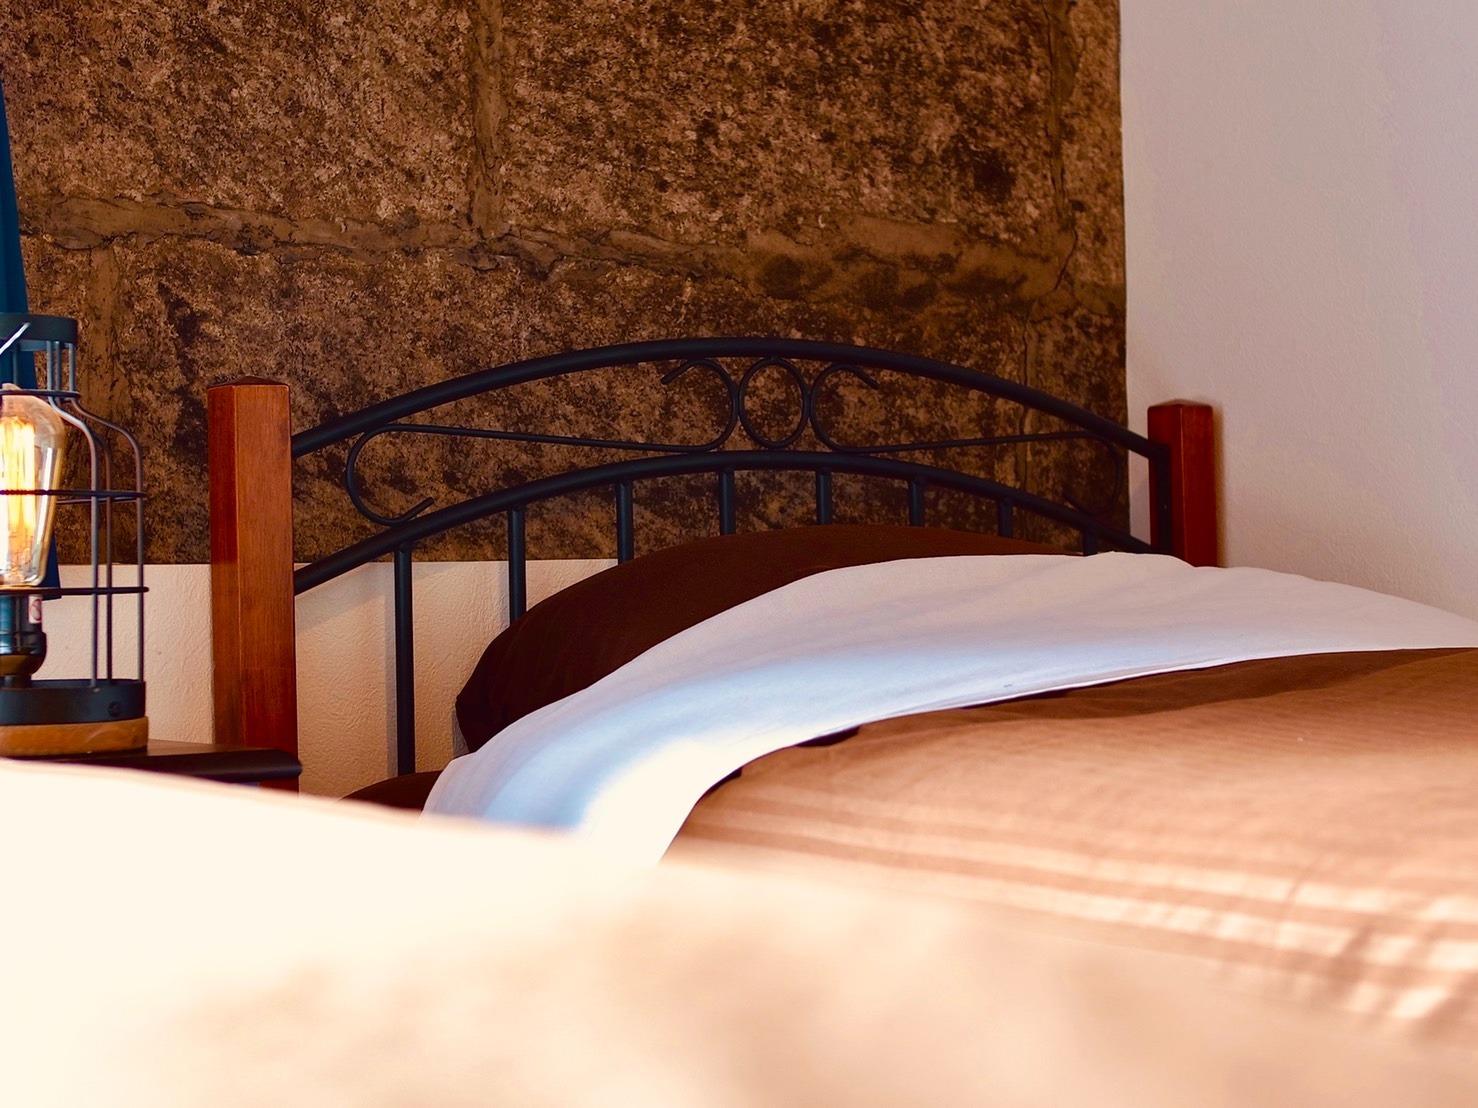 石肌とベッド。